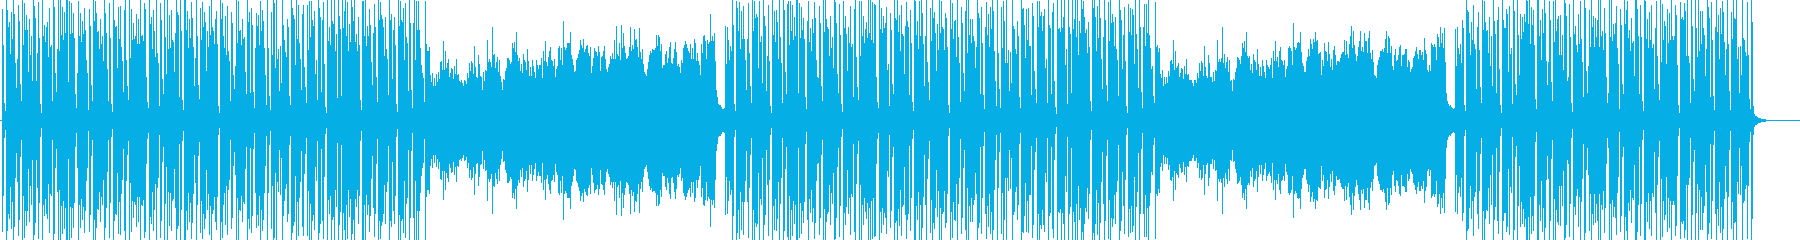 ほのぼのかわいい日常系BGMの再生済みの波形